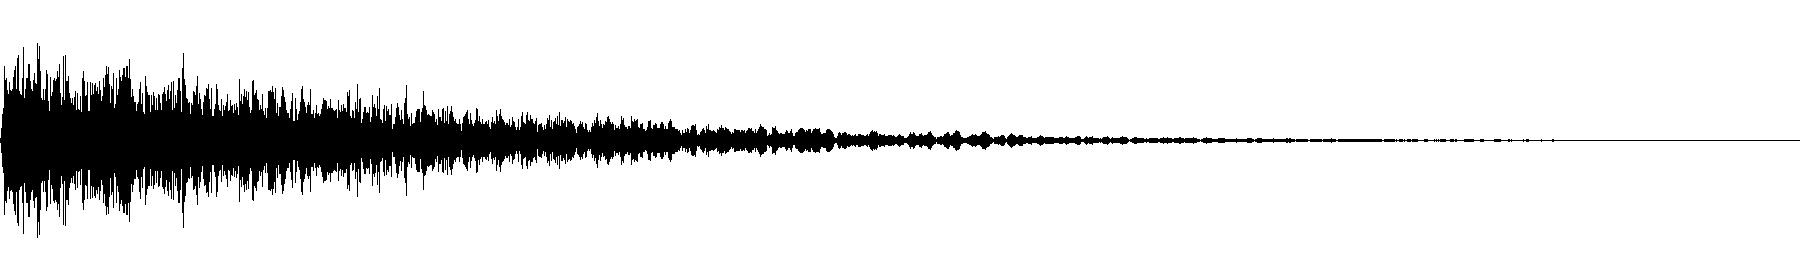 vfx1 atmos 13